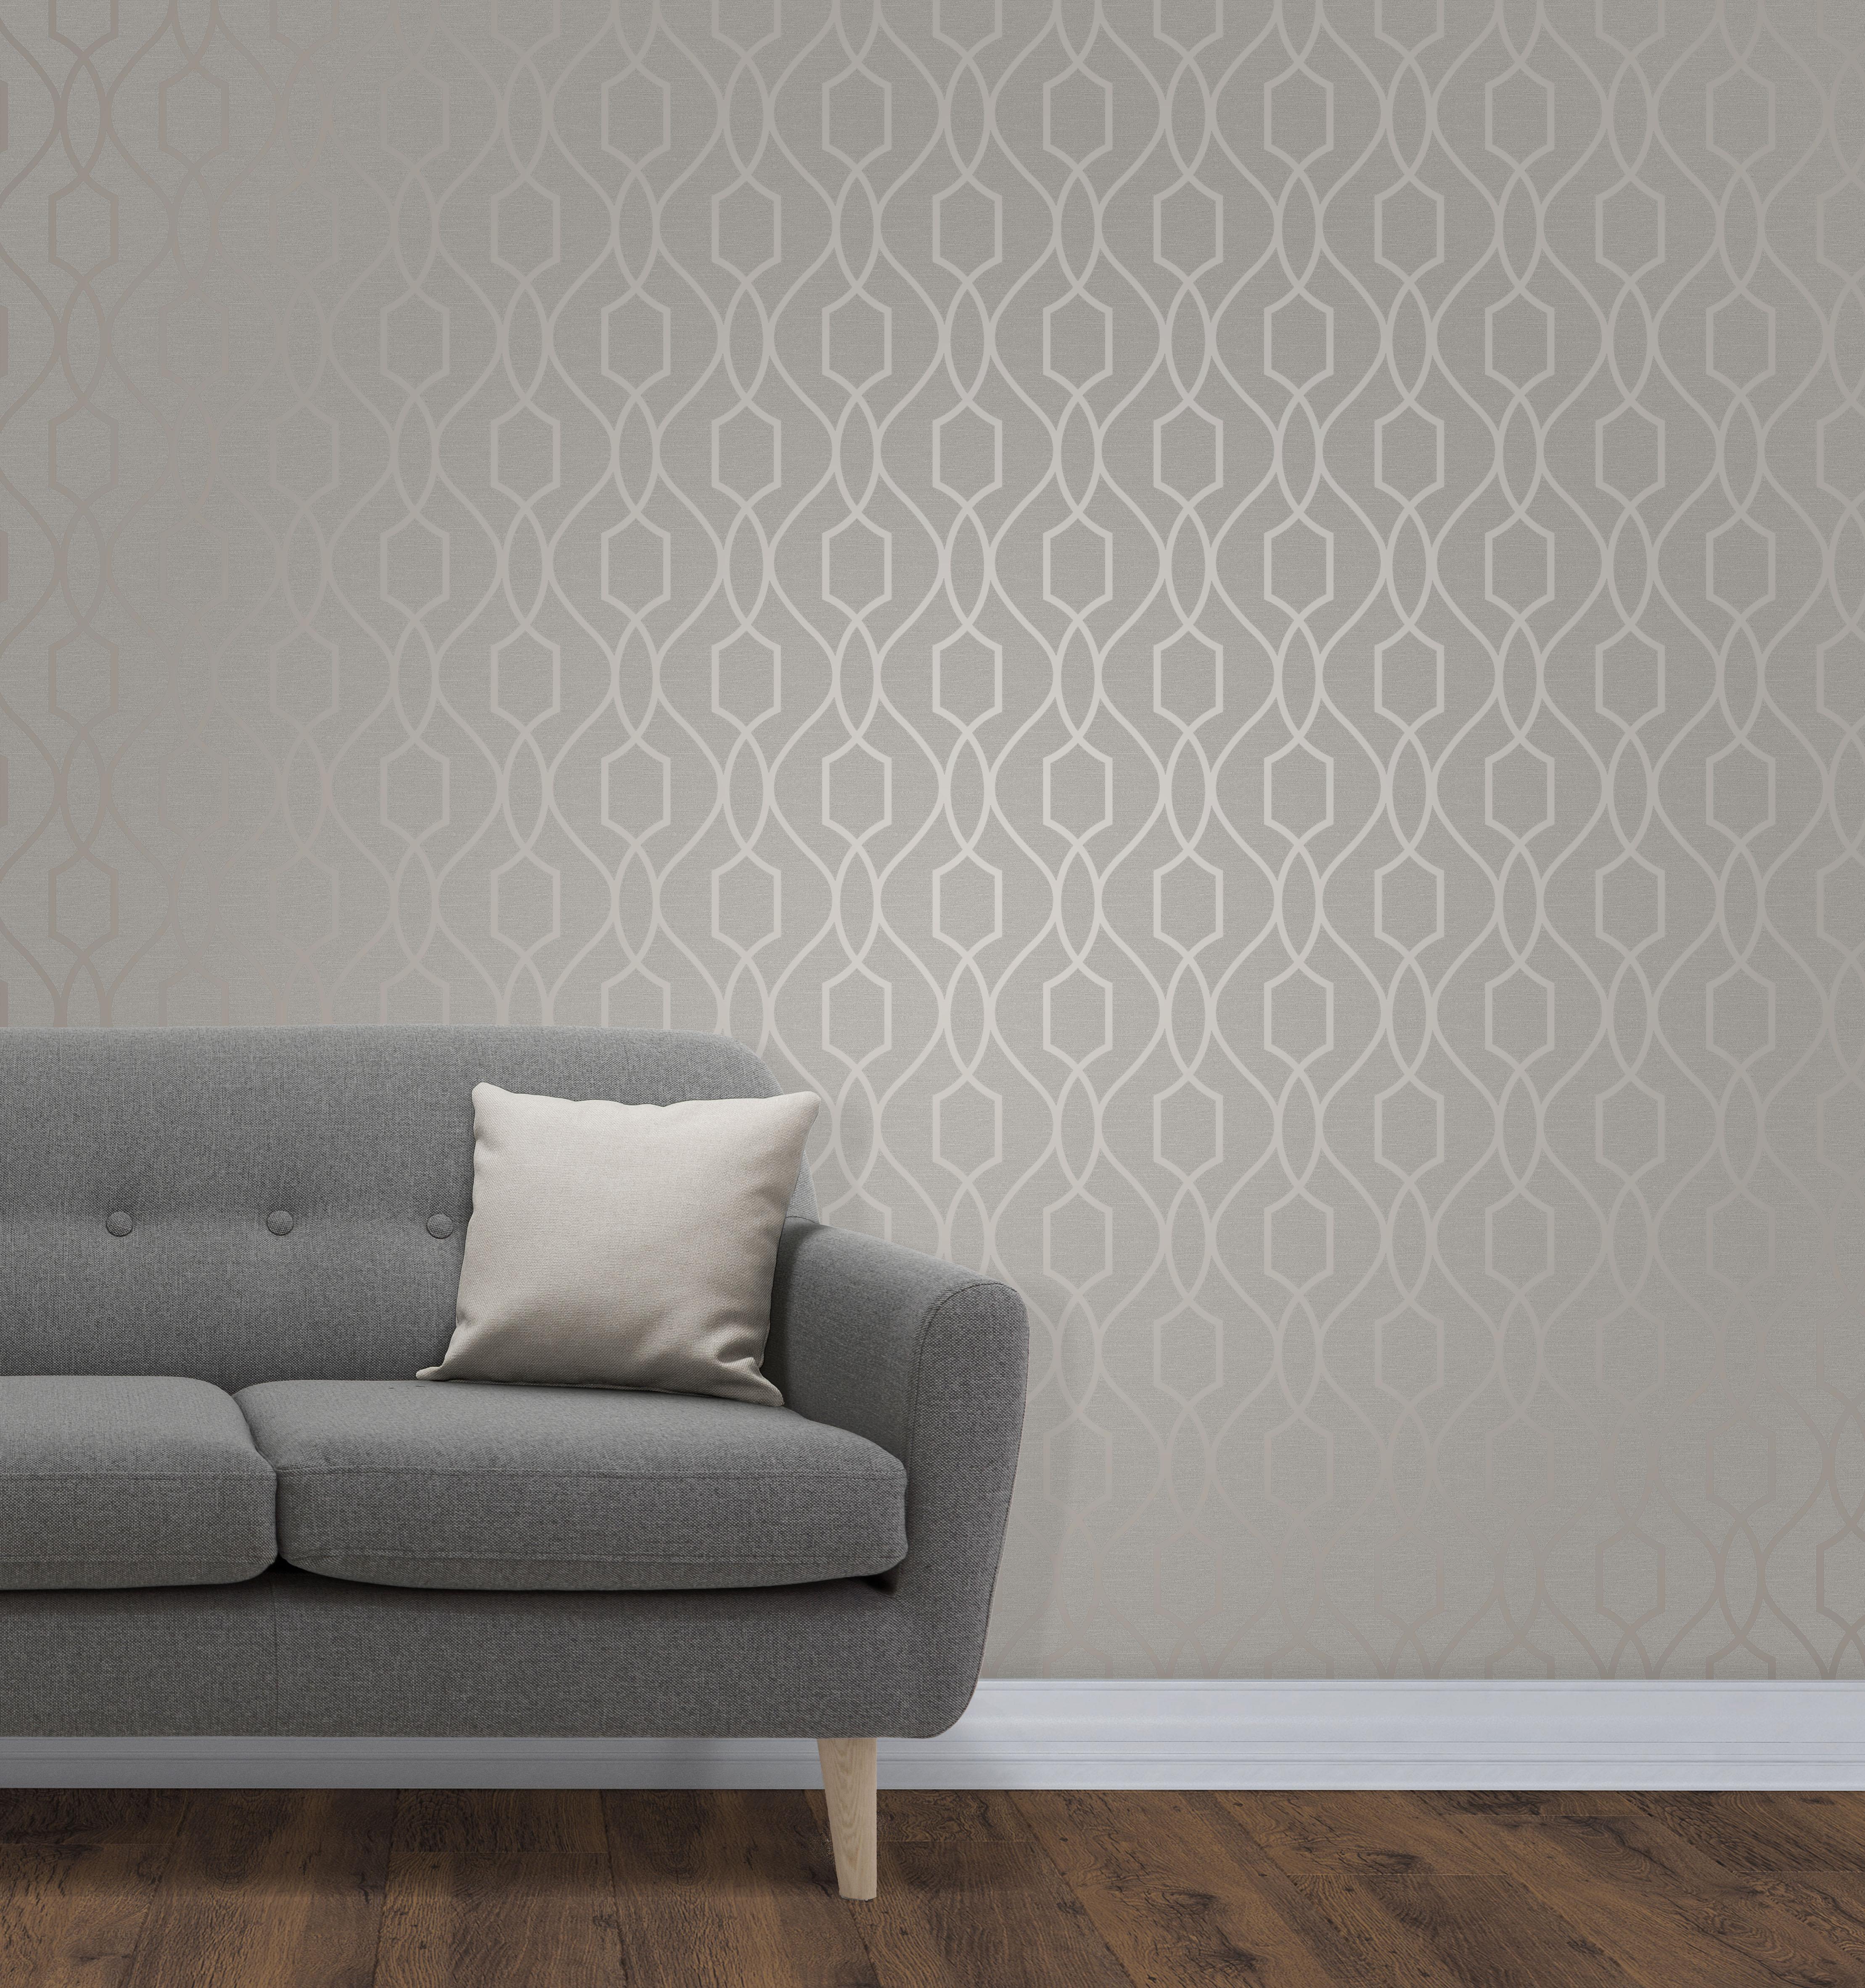 Géométrique Papier Peint Métallique Brillant Gris Taupe Apex 3D Moderne Fine Decor